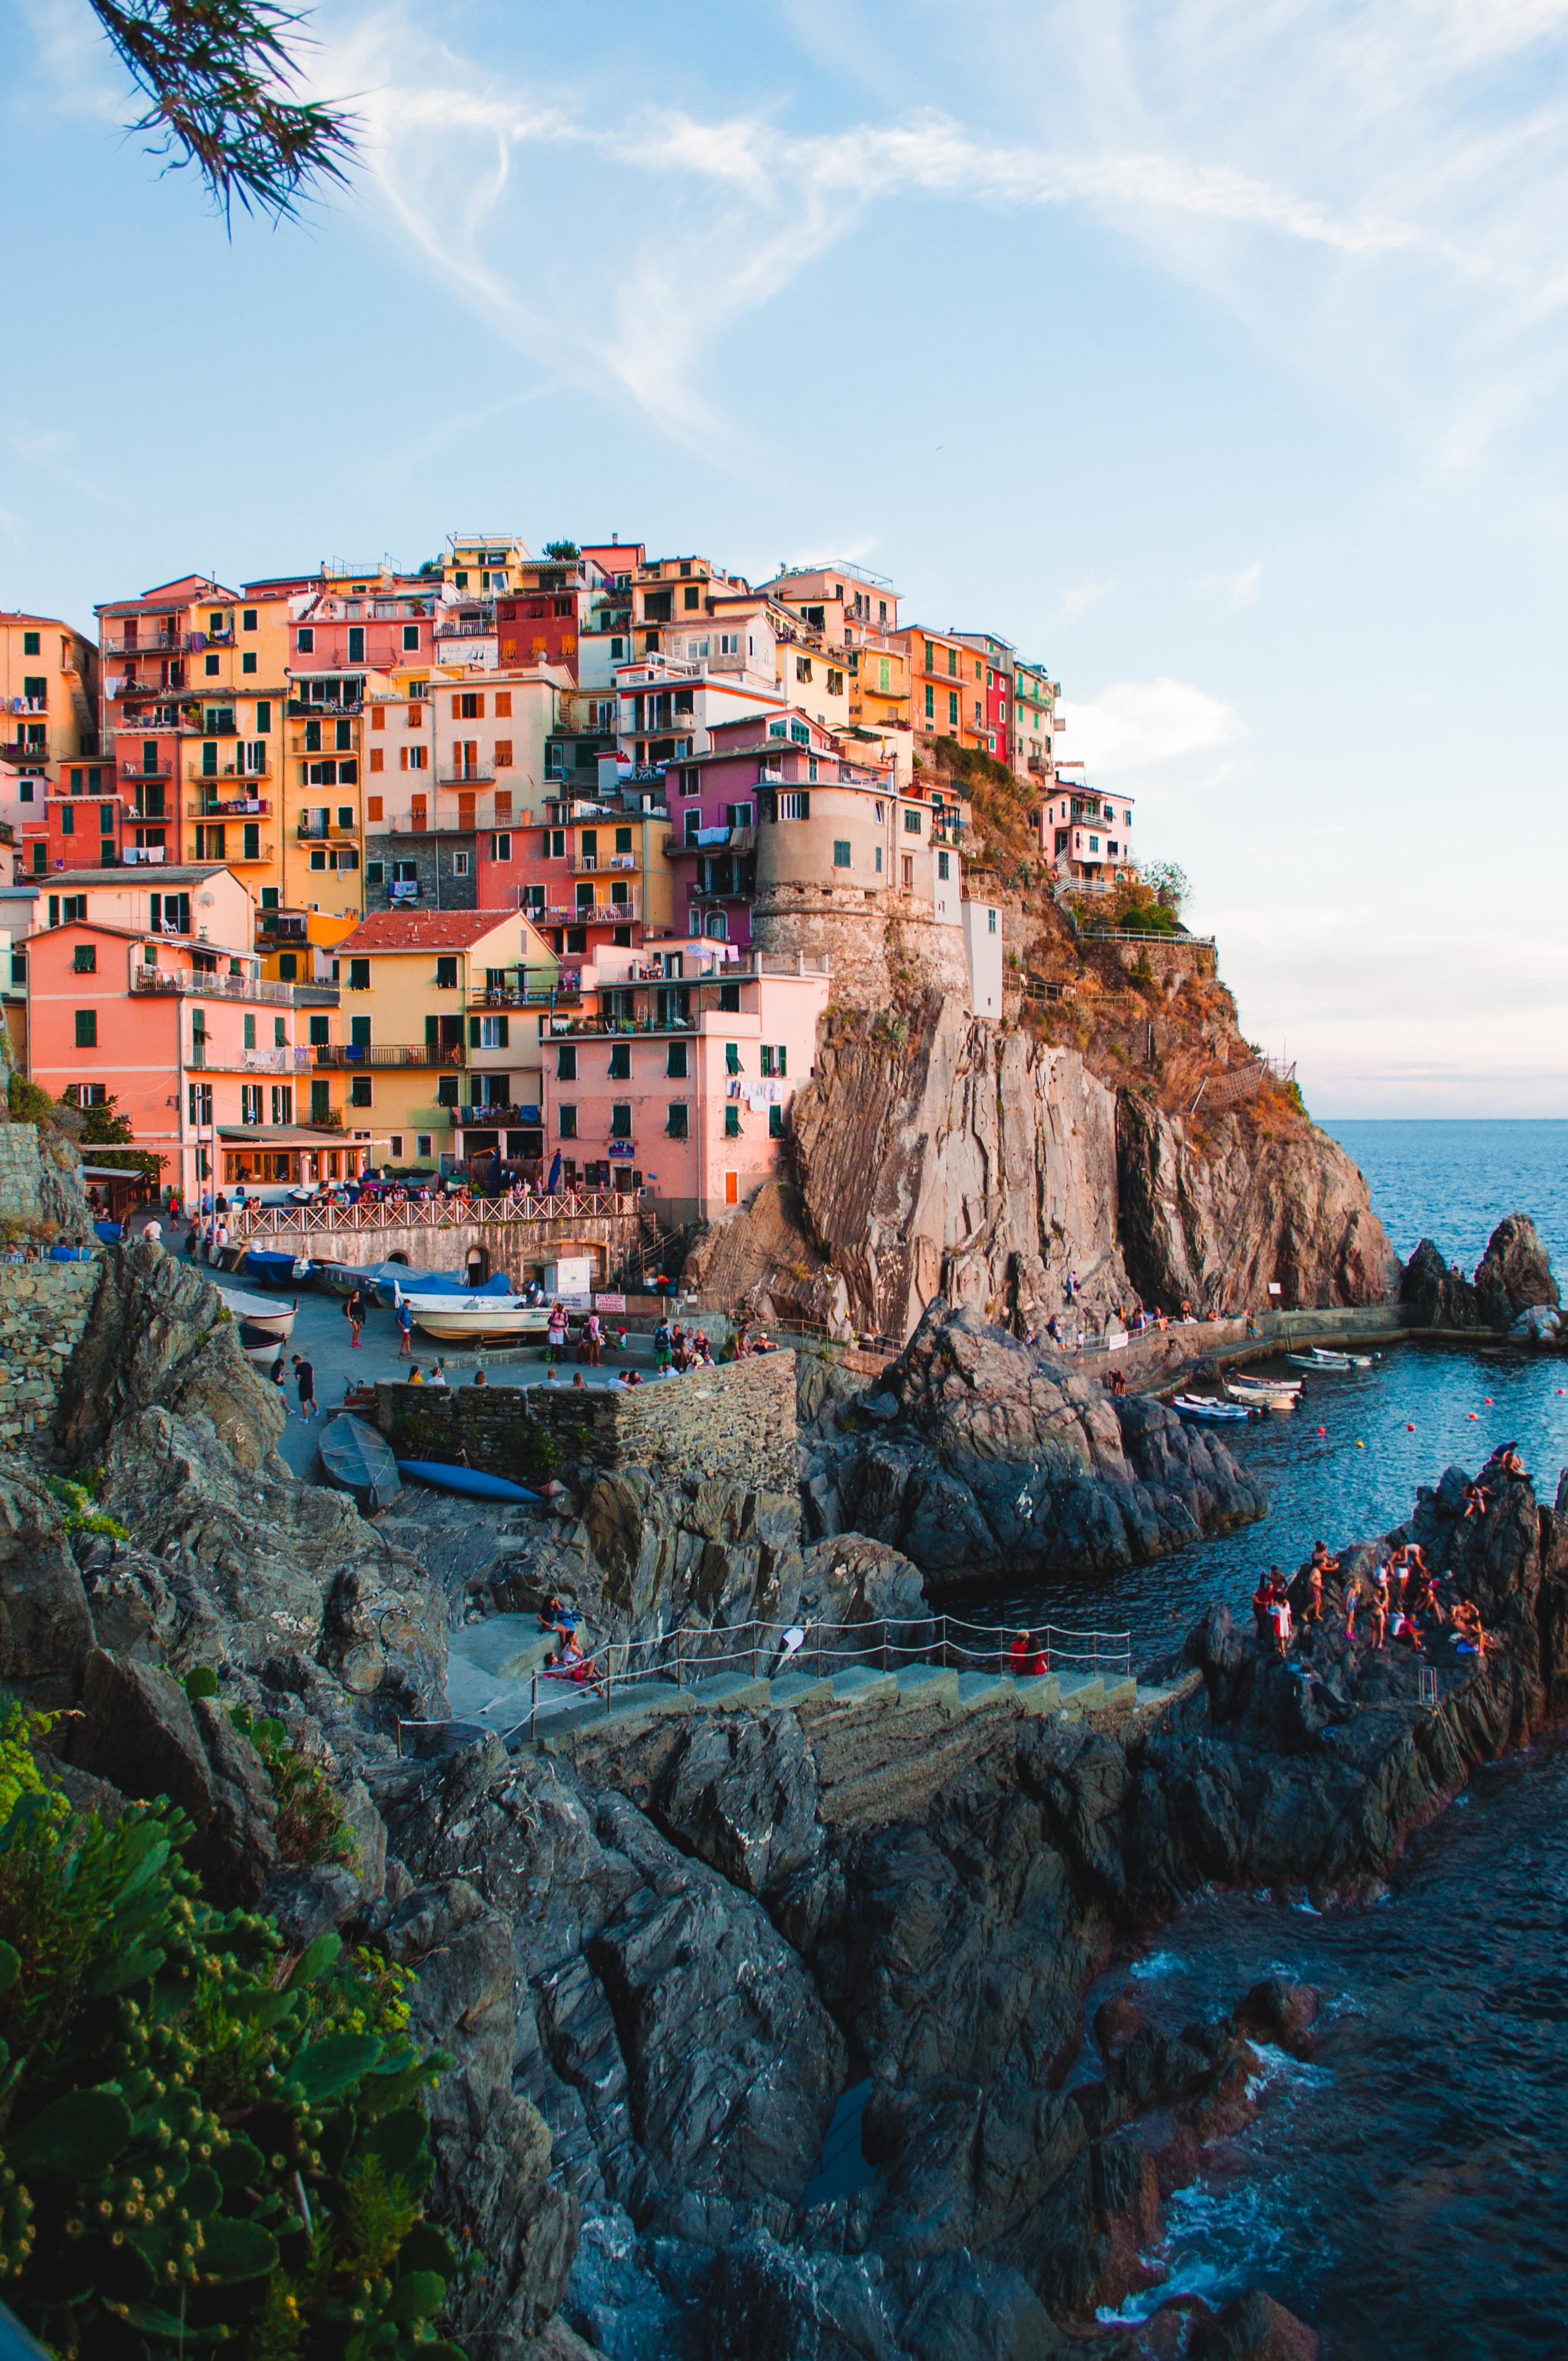 bucket list voyage 2020 Cinque Terre